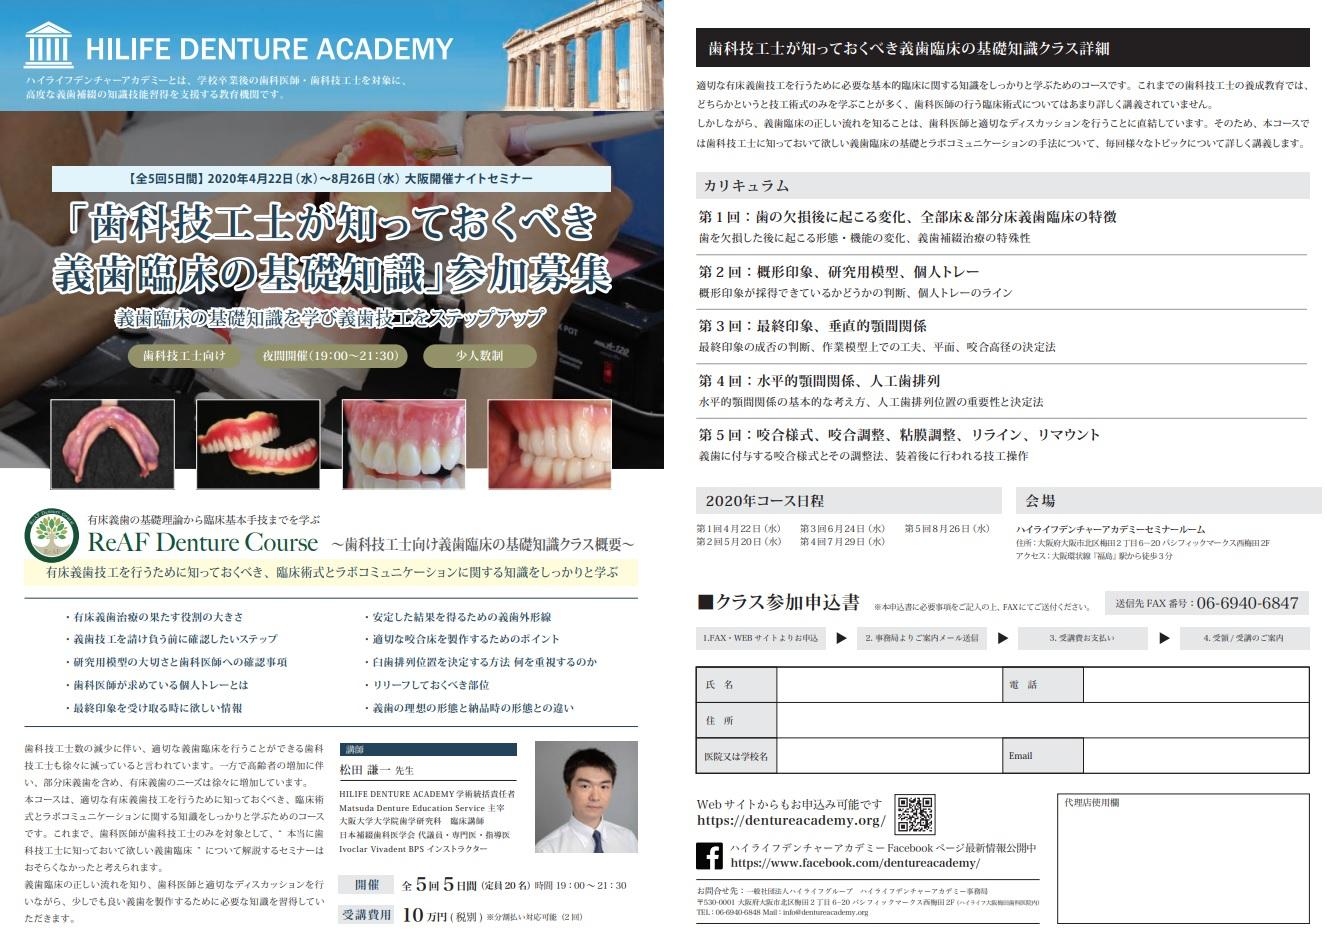 オンライン受講可能:ReAF Denture Course ~歯科技工士が知っておくべき義歯臨床の基礎知識~